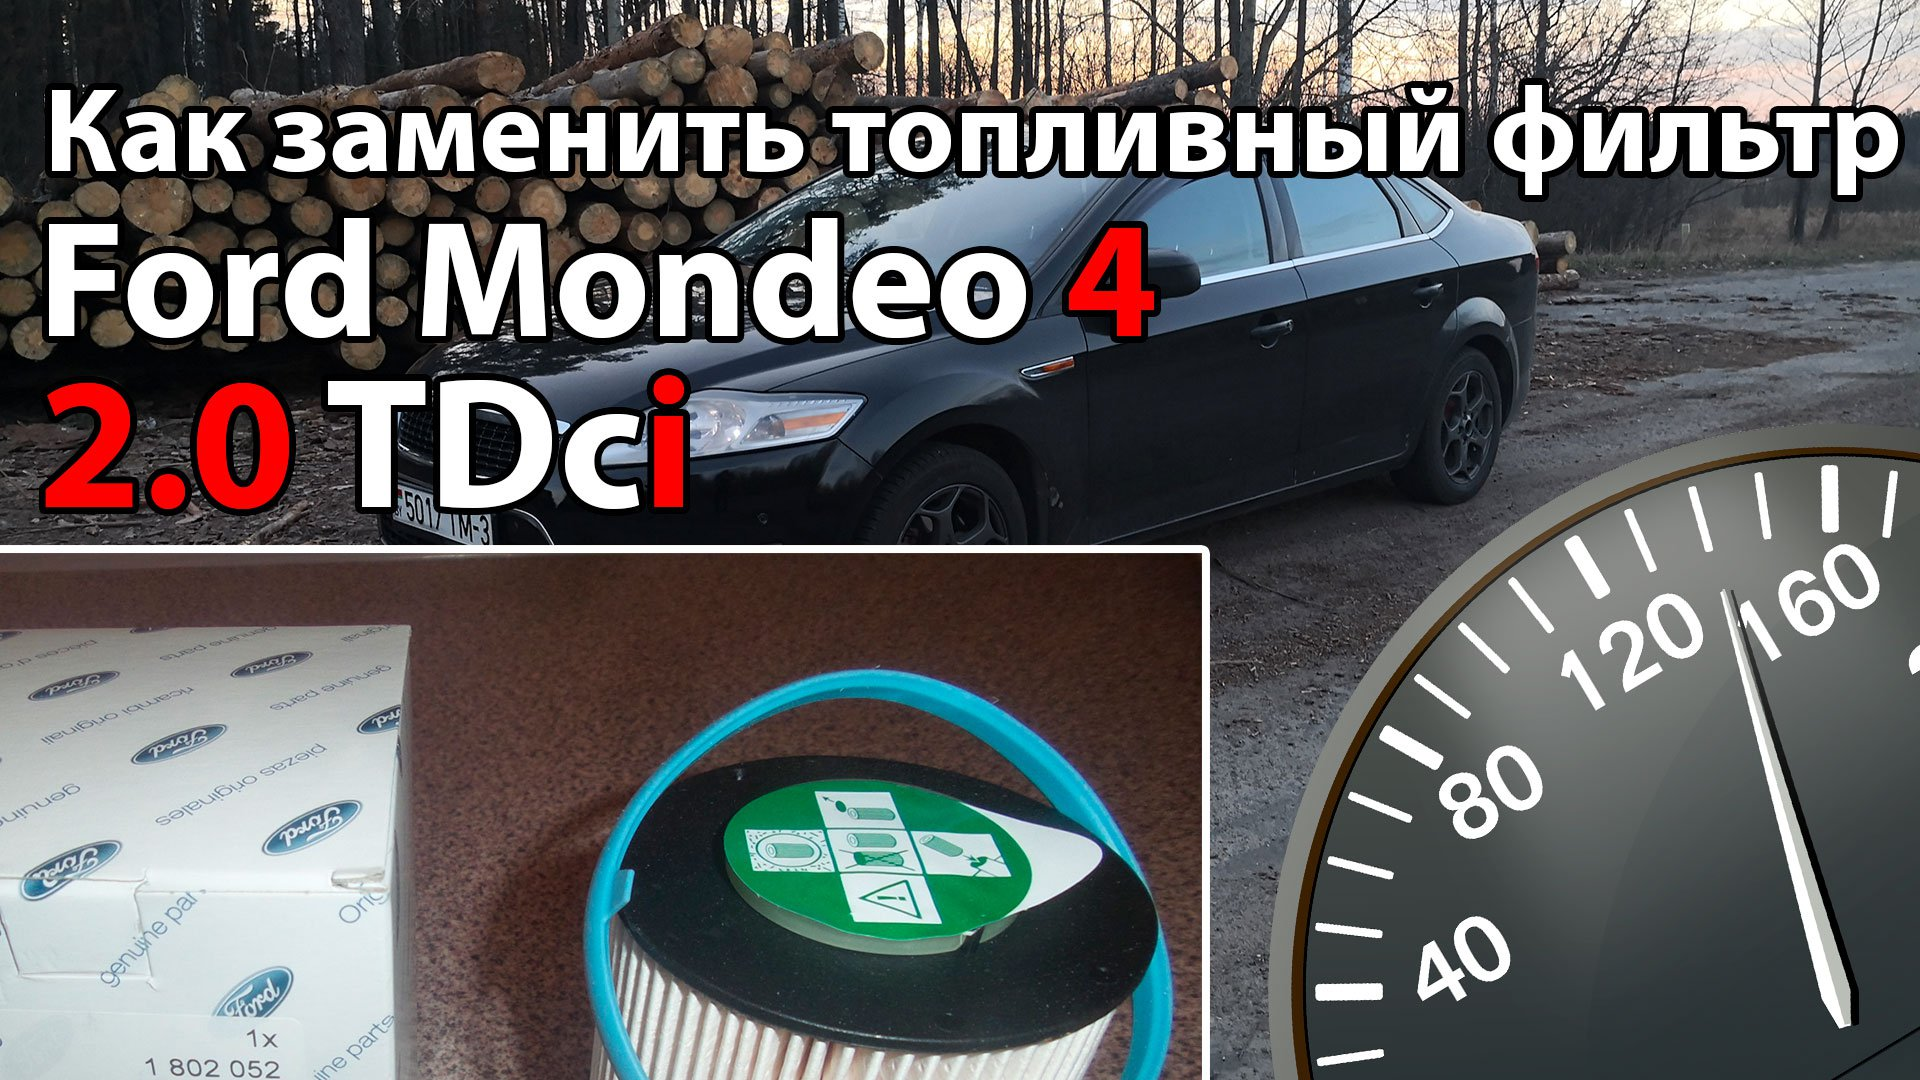 Как заменить топливный фильтр Ford Mondeo 4 2.0 TDci